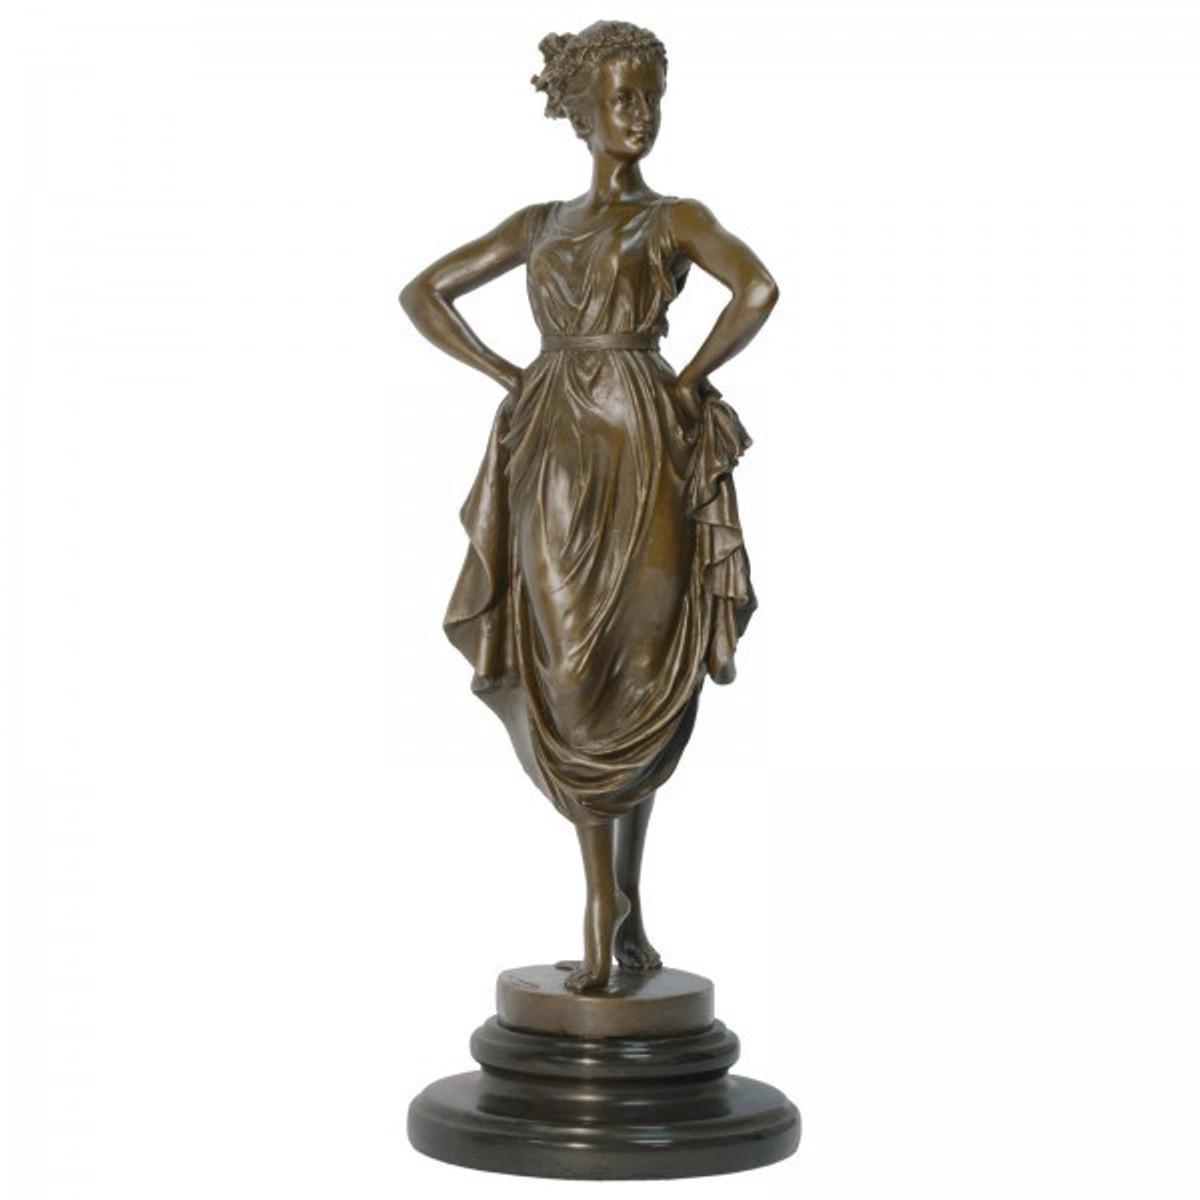 Bronze Skulptur Tänzerin zeigt eine Frau im Kleid anmutig barfuß beim Tanz.